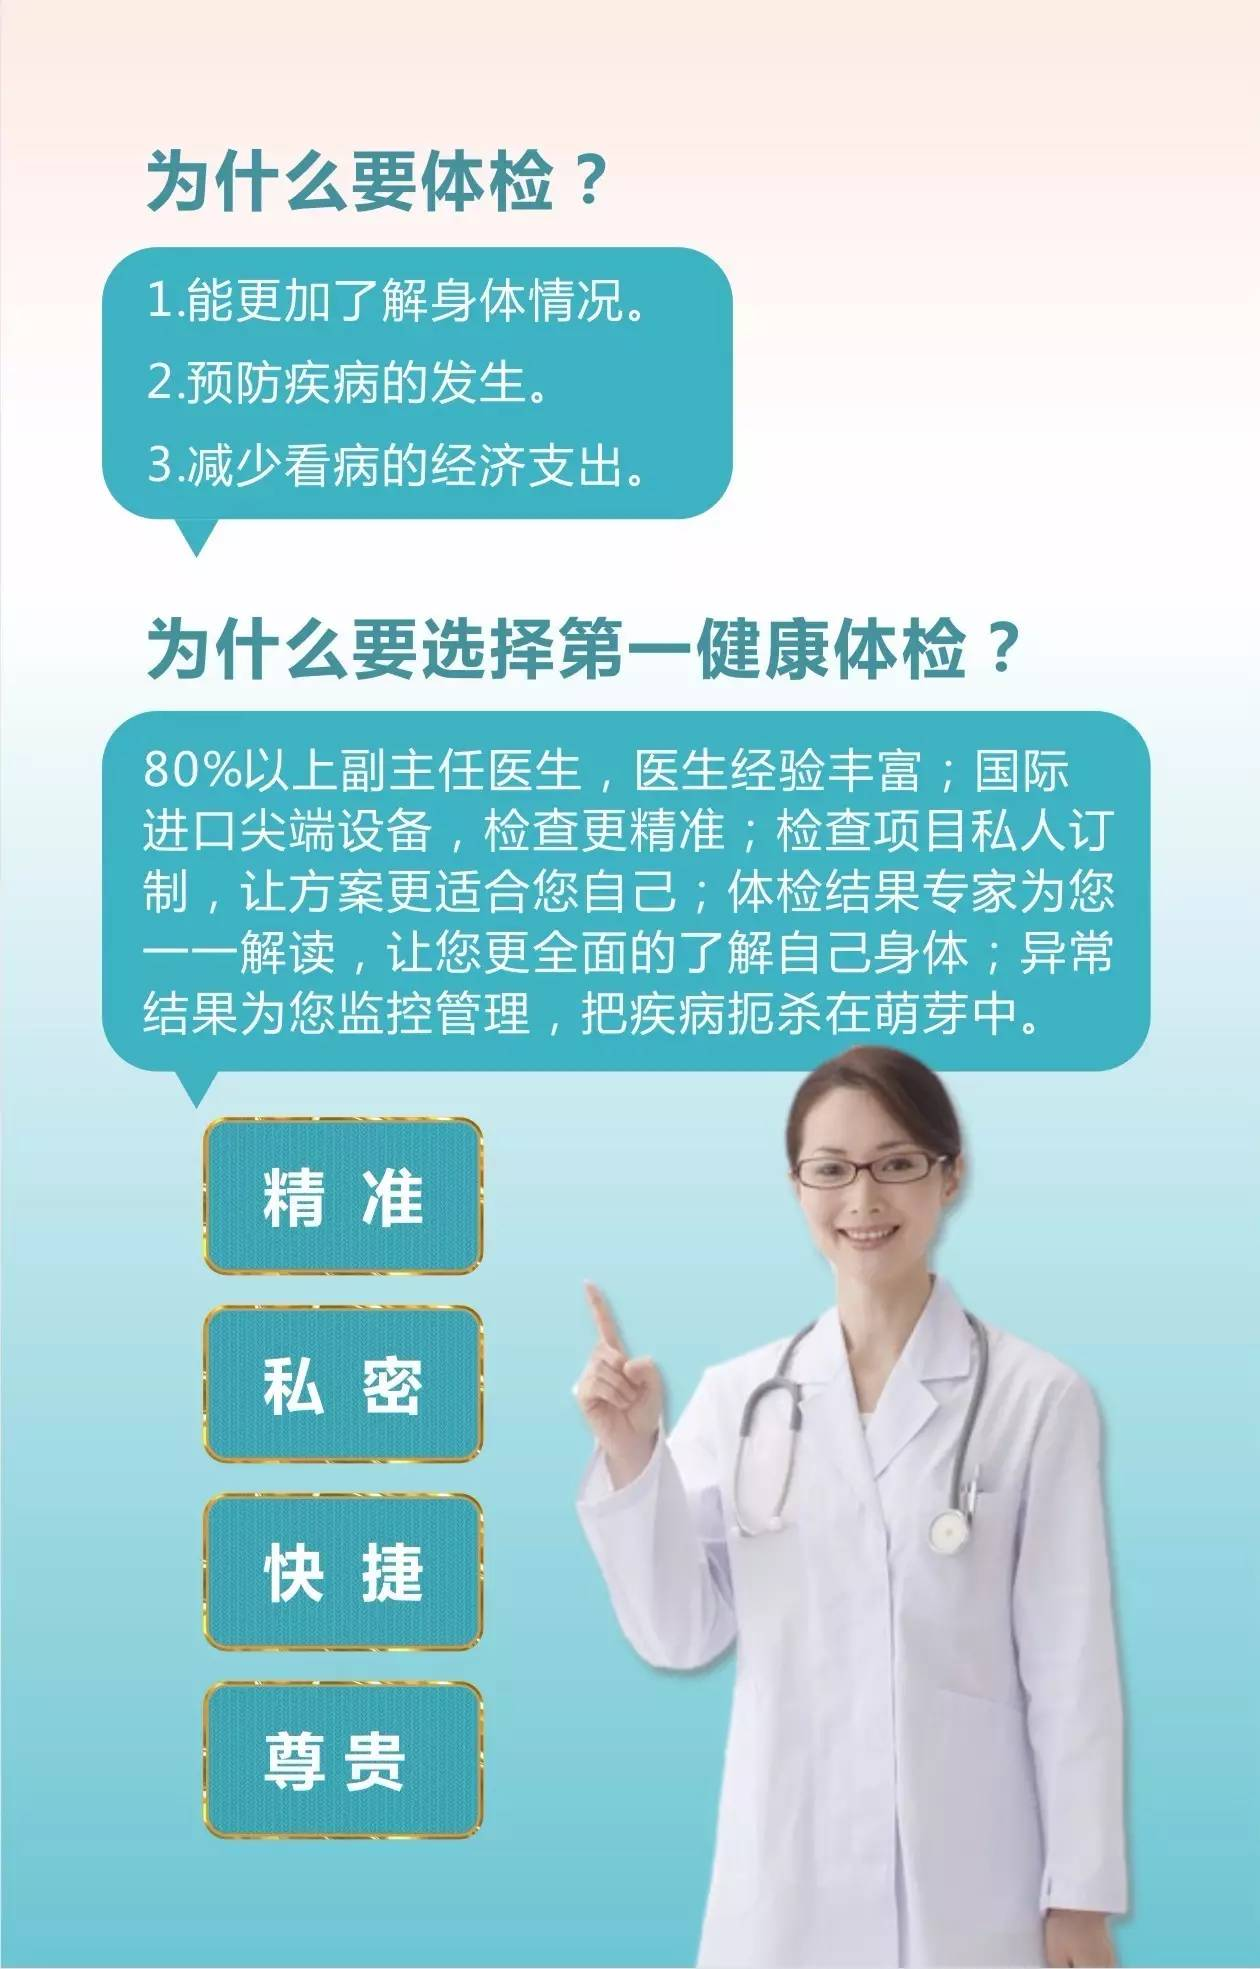 THM成都 | 精準健康體檢首選!